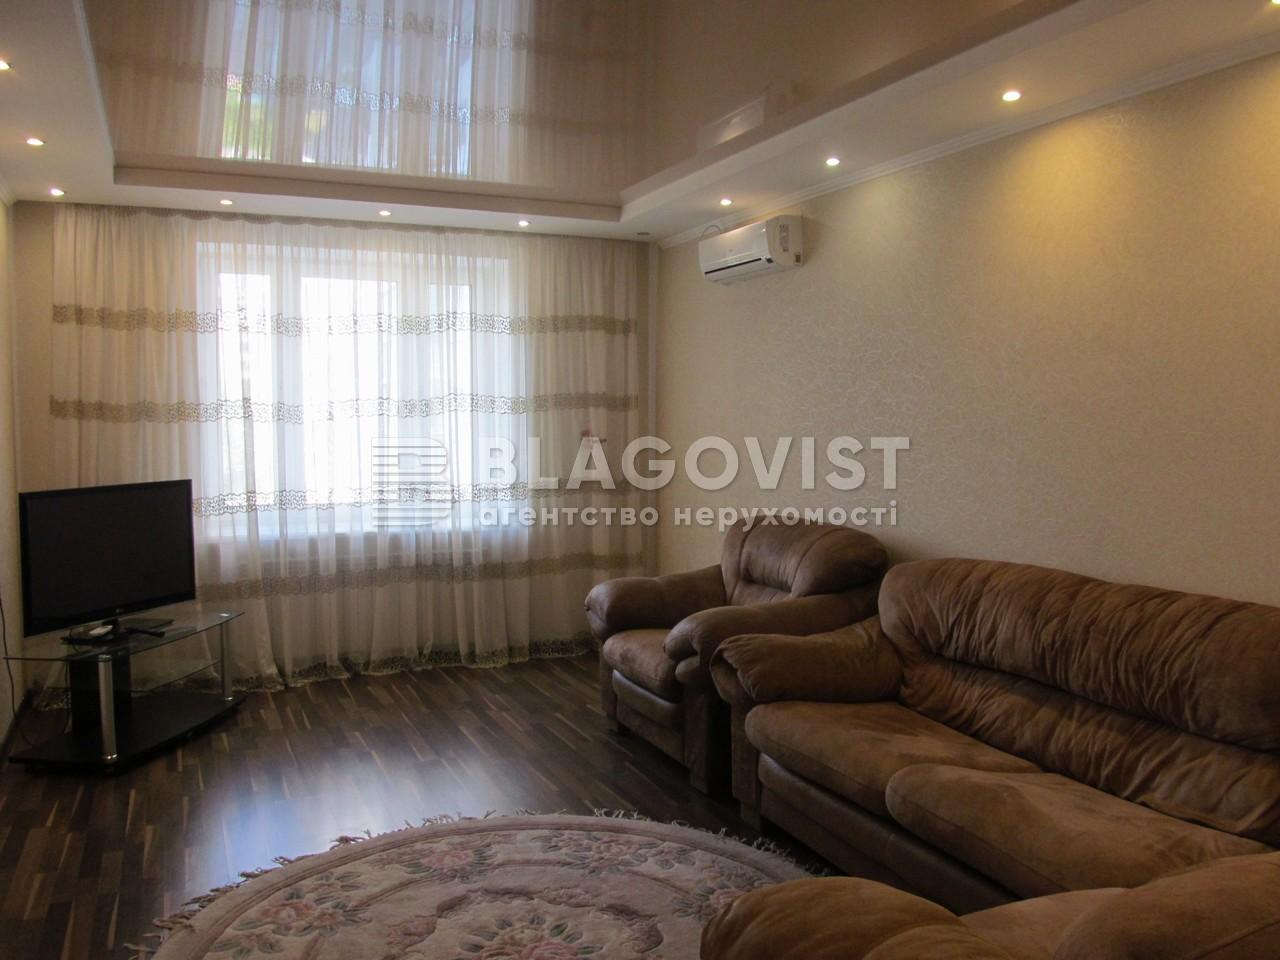 Квартира C-93662, Харьковское шоссе, 58б, Киев - Фото 1